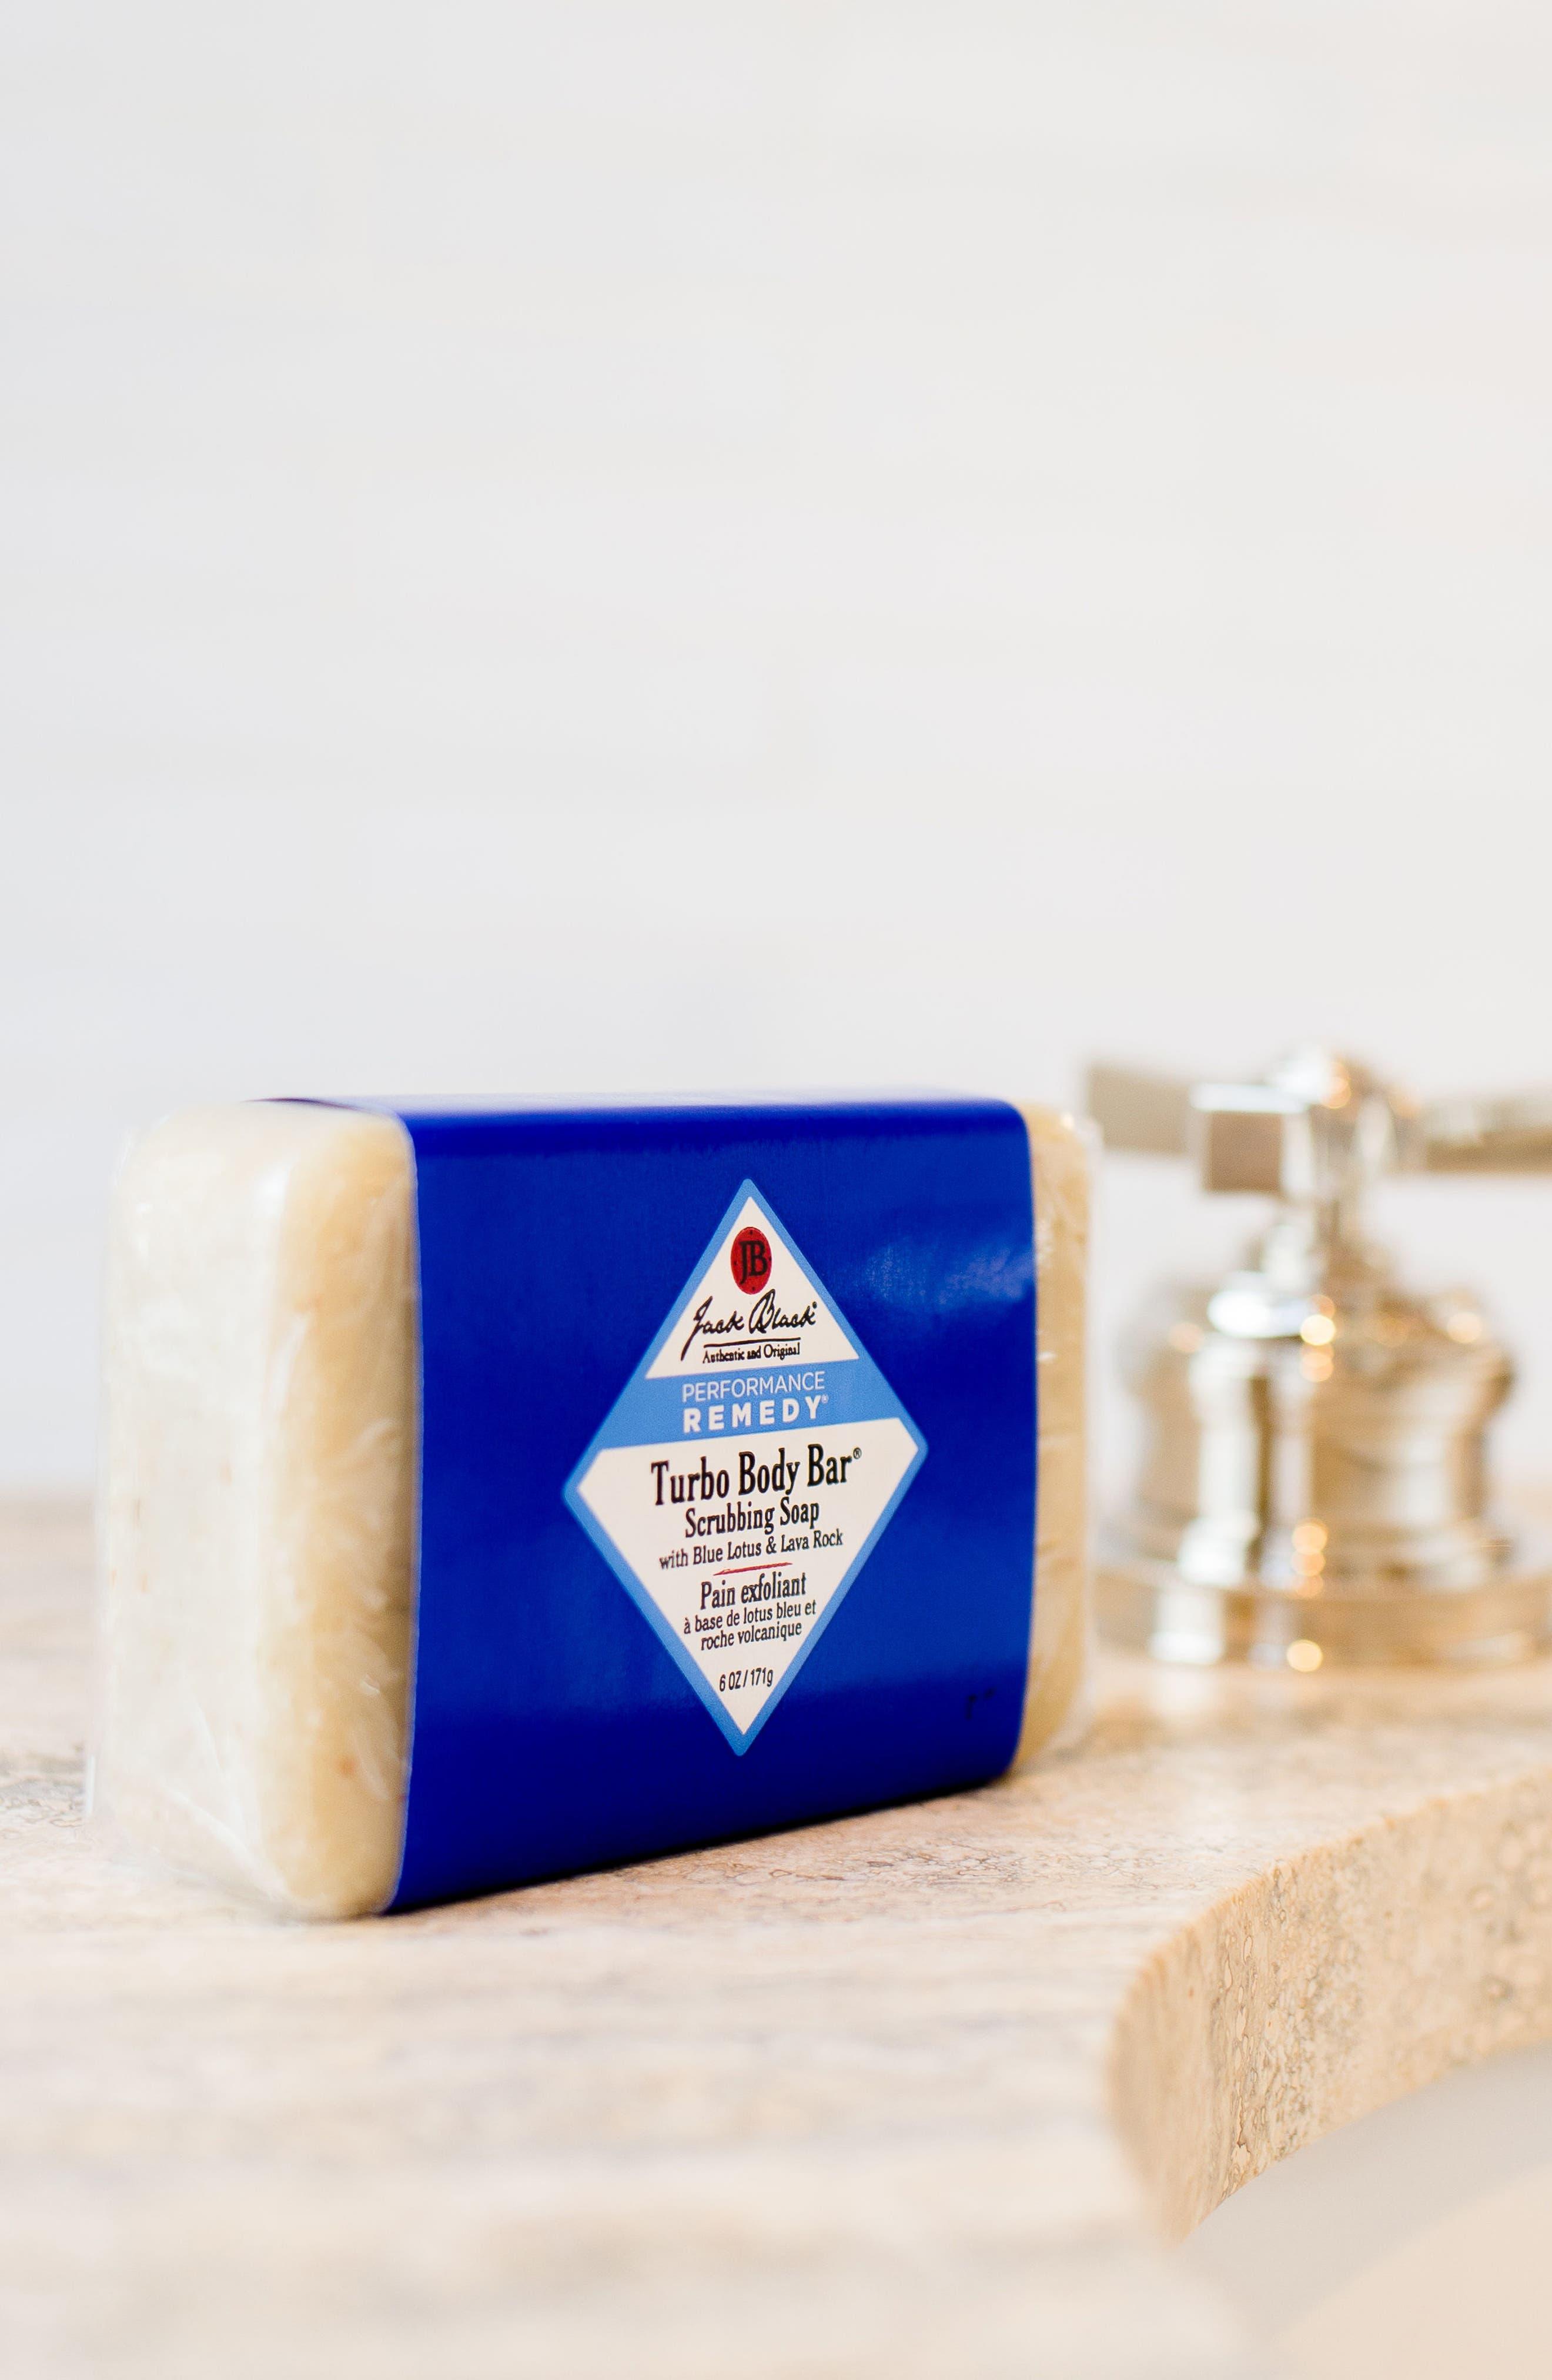 Alternate Image 2  - Jack Black 'Turbo Body Bar' Scrubbing Soap